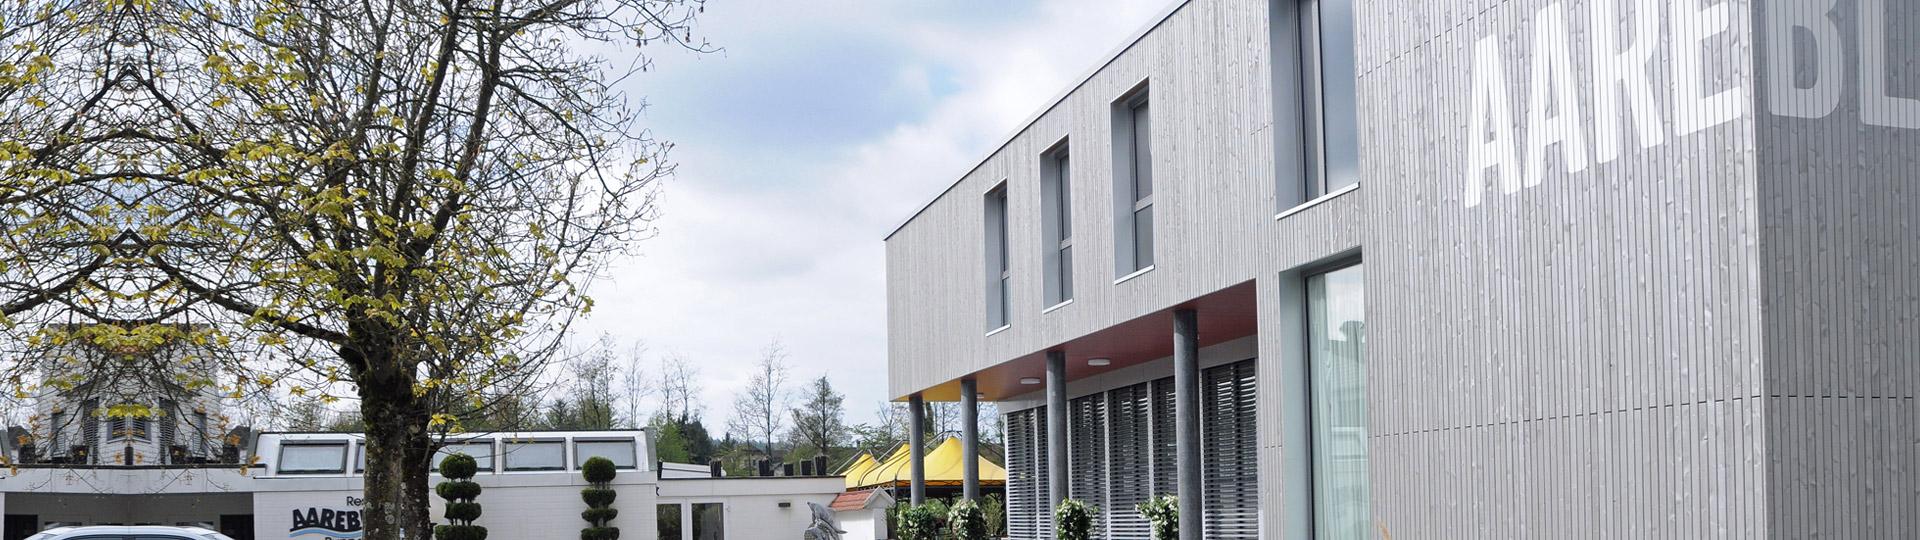 Neubau Aareblick